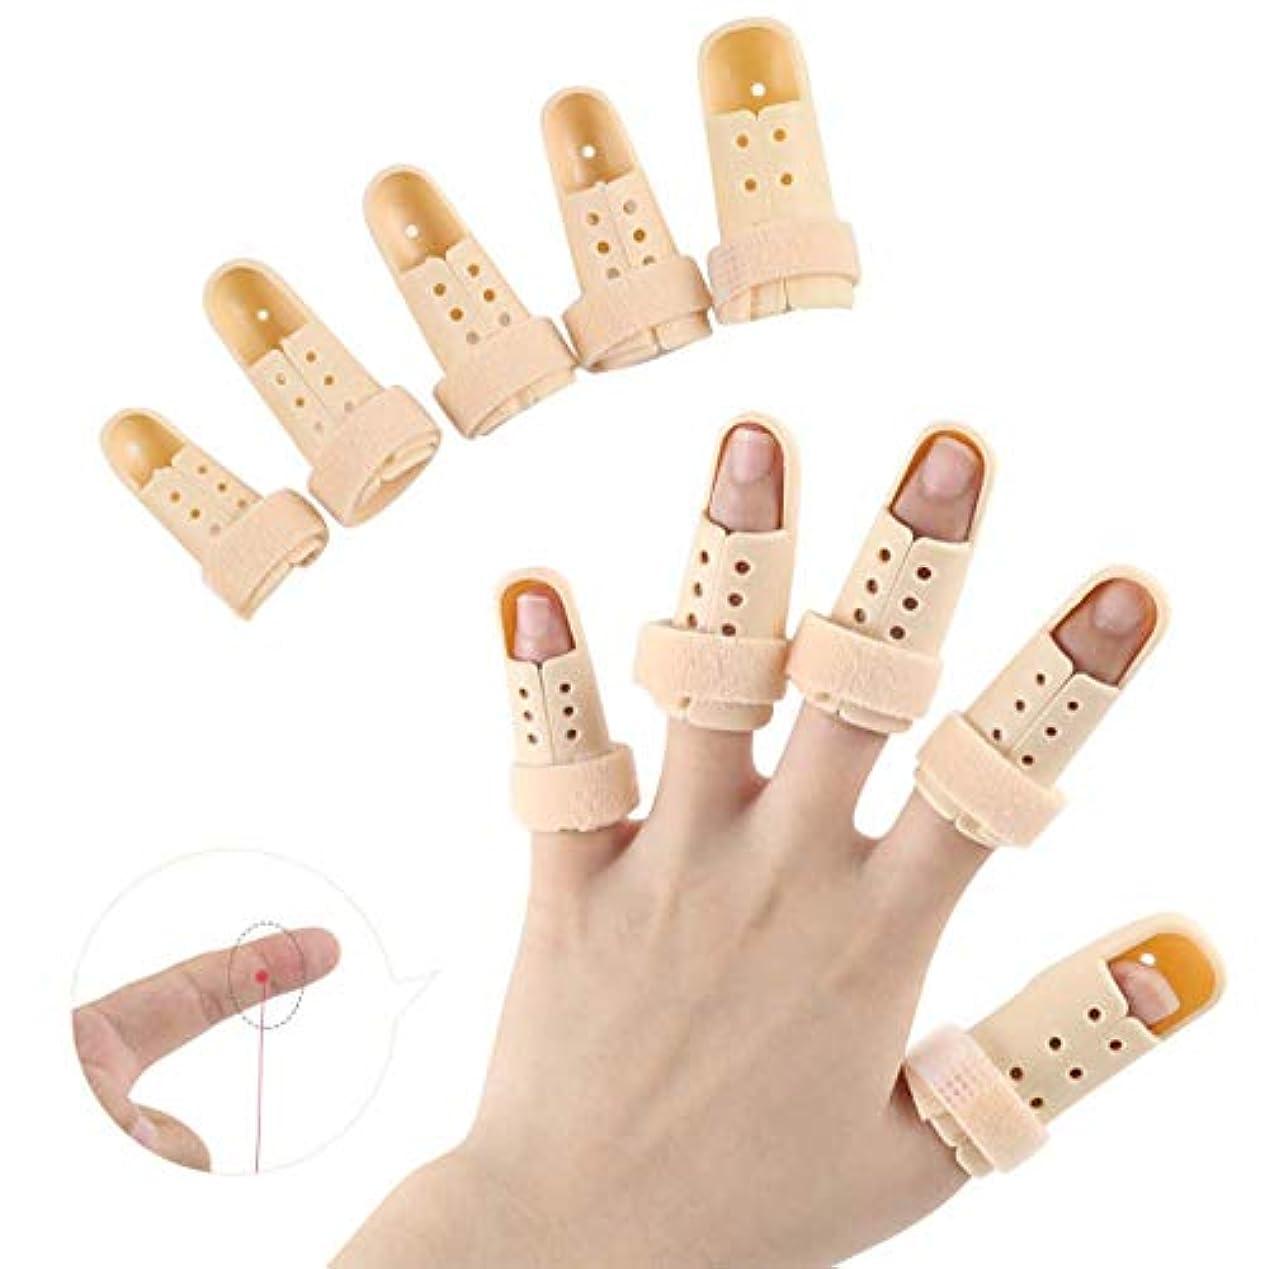 チャレンジ子せがむ指の添え木支柱、木槌指の添え木、バスケットボールのためのプラスチック製の指プロテクターサポート、指の関節の痛みのための10個のフィンガーイモビライザー